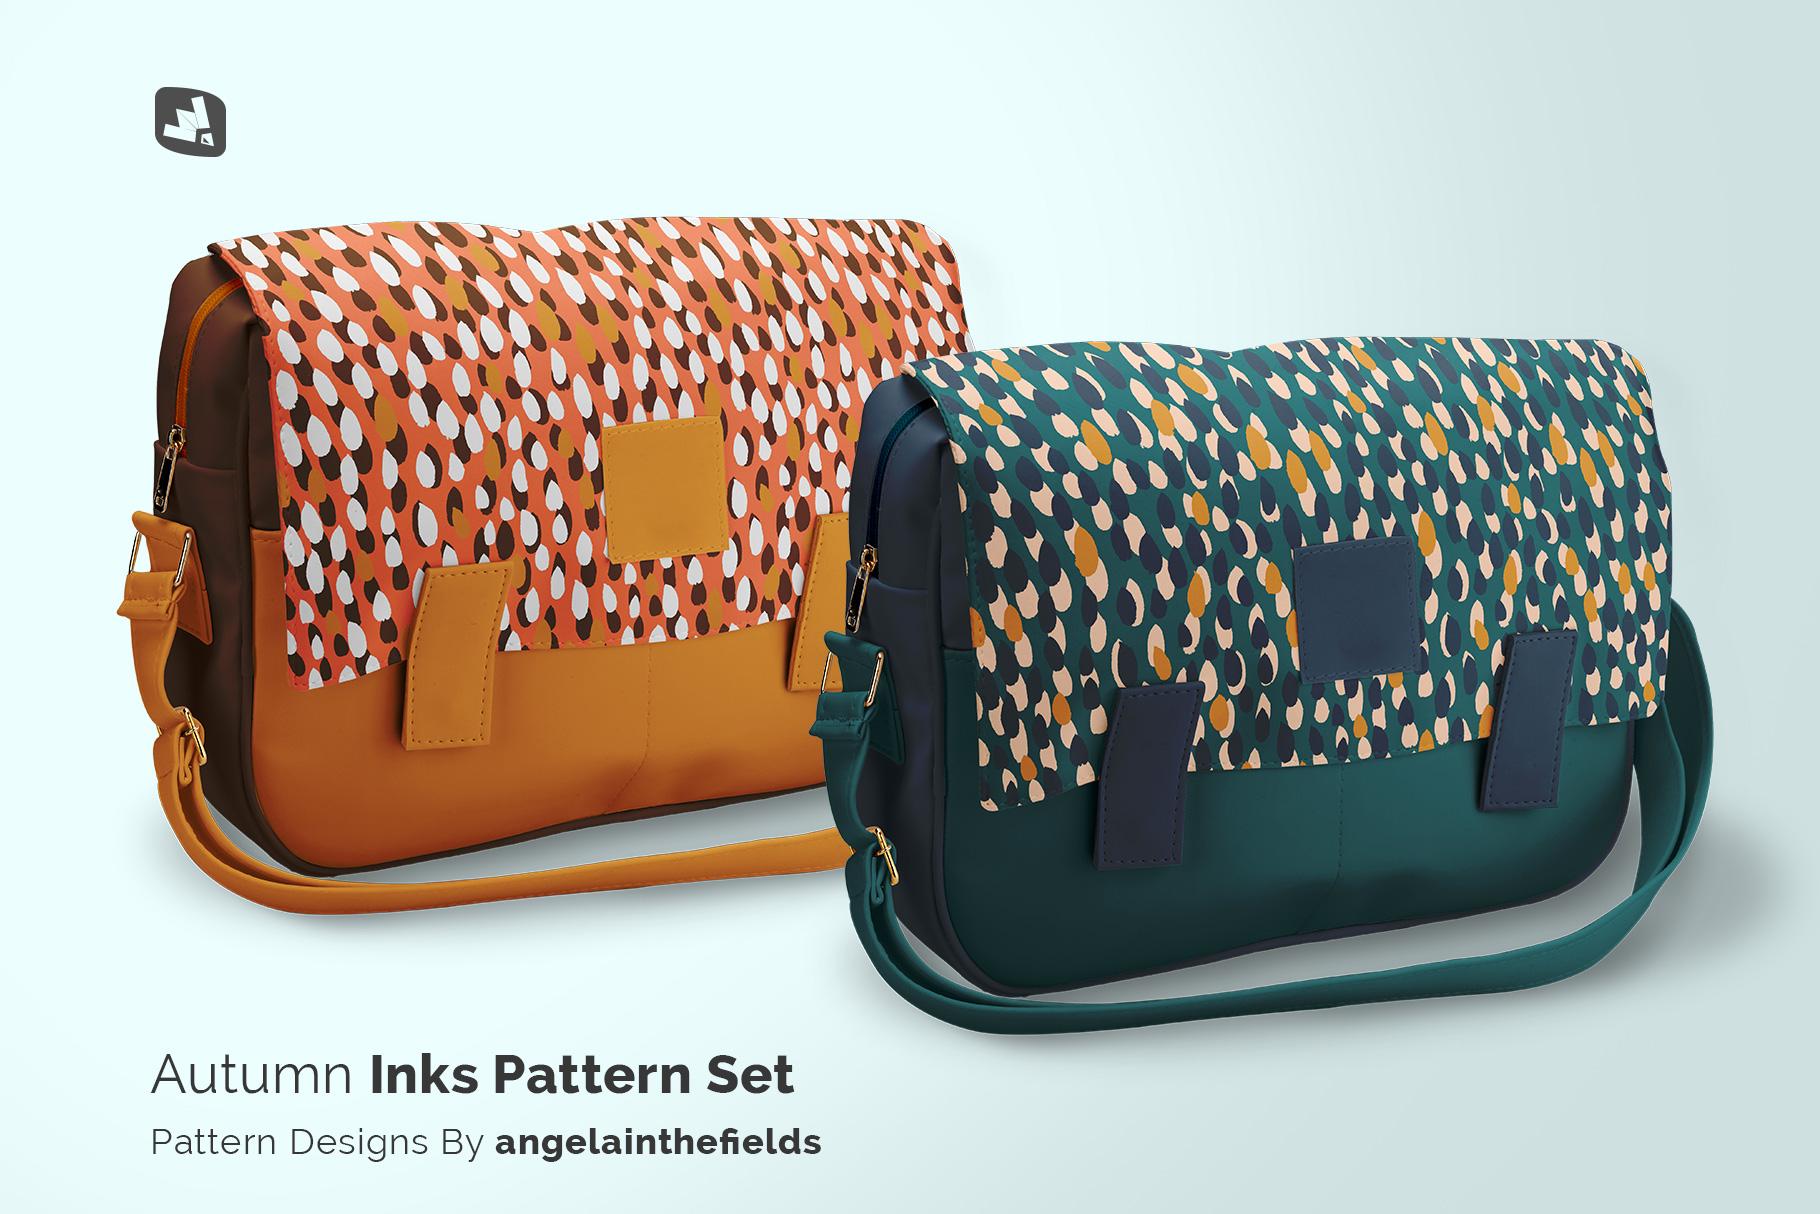 designer's credit of the leather messenger bag mockup